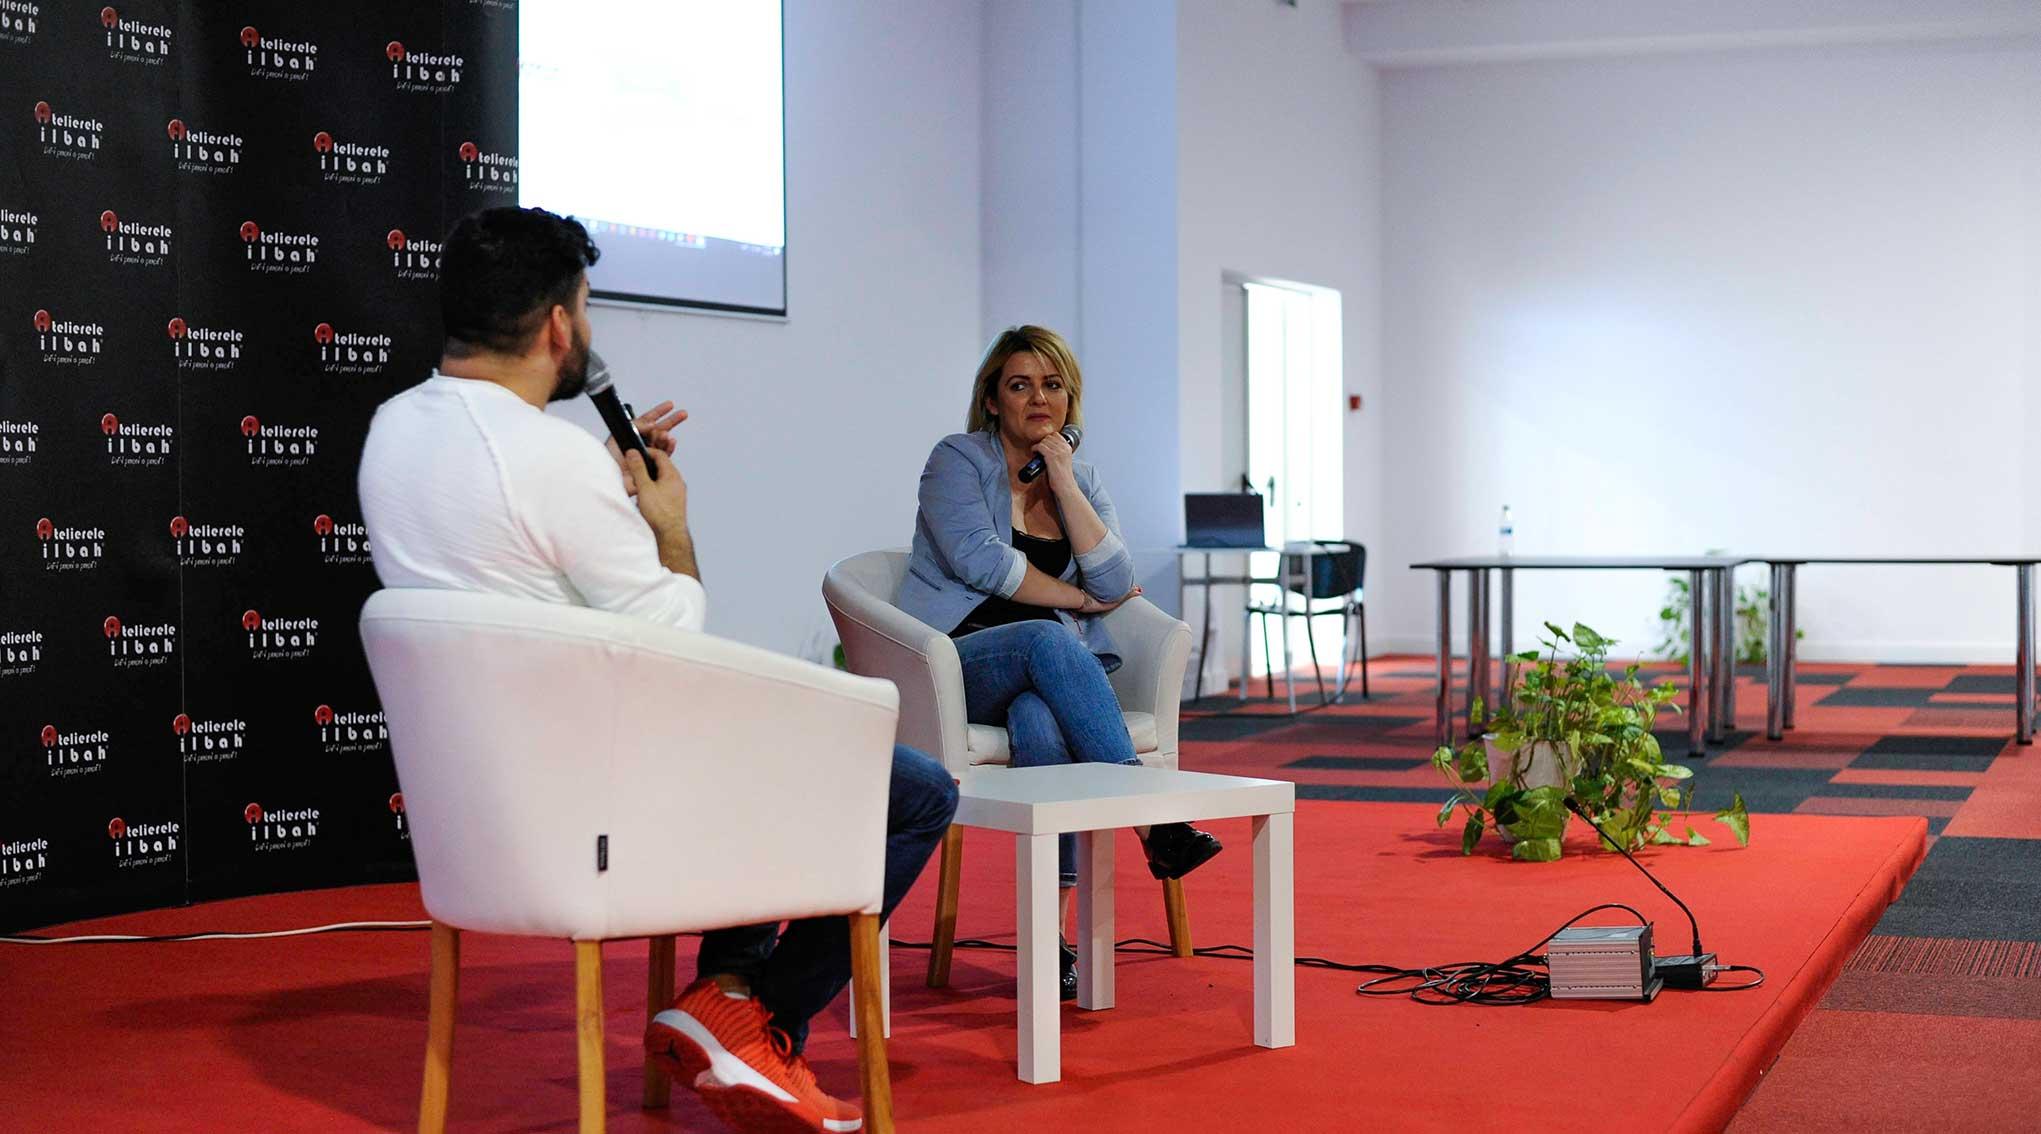 workshop-uri-demonstratii-si-conferinte-marca-atelierele-ilbah-pe-parcursul-a-4-zile-in-cadrul-romexpo-31